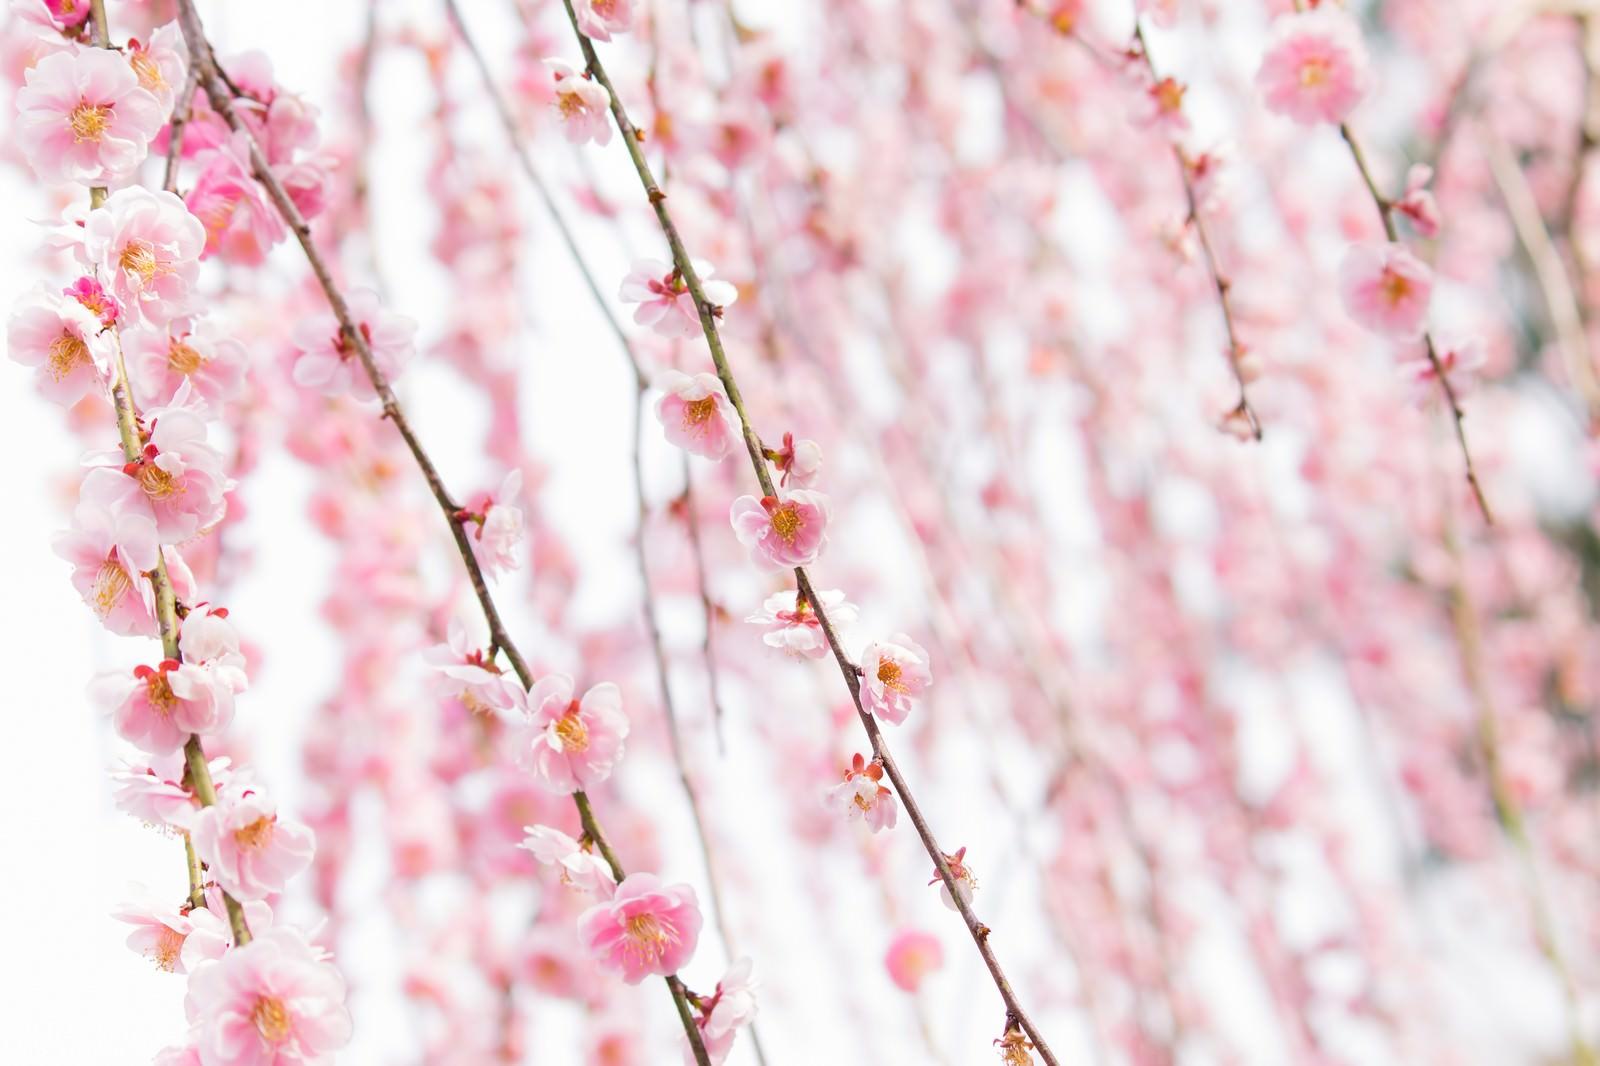 「ピンク色した梅の花」の写真